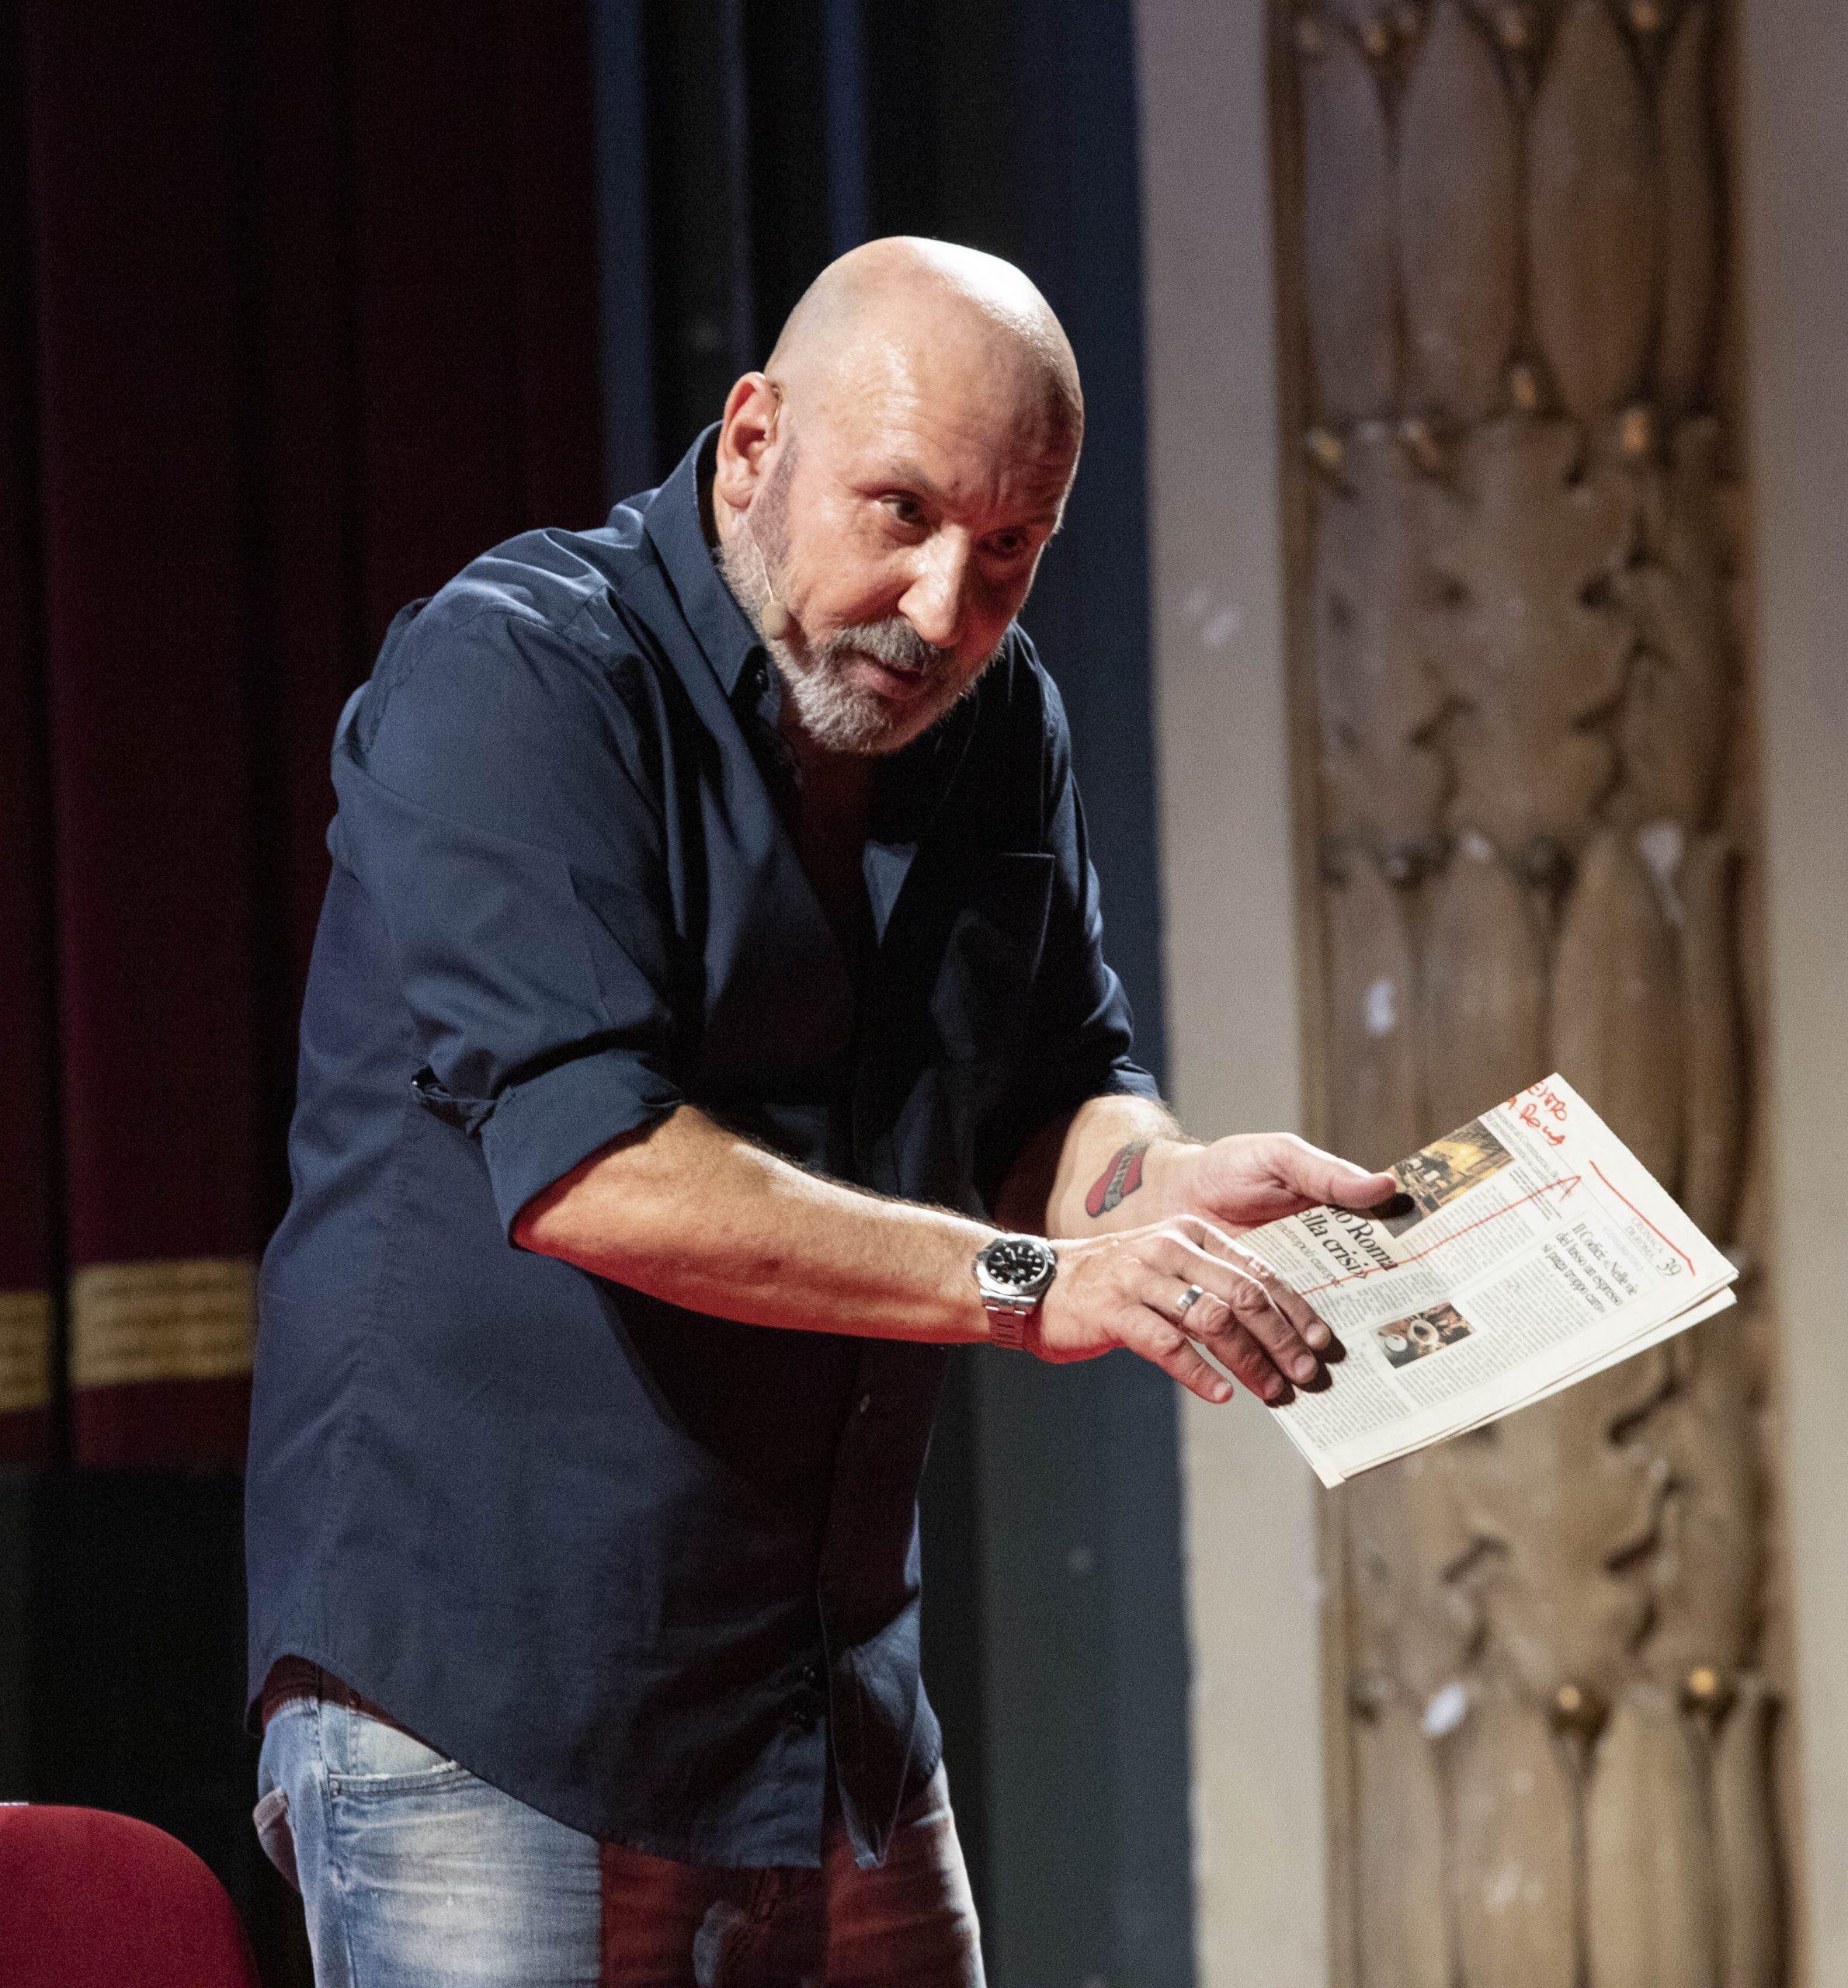 La vita privata ispira gag e risate nello show di Maurizio Battista